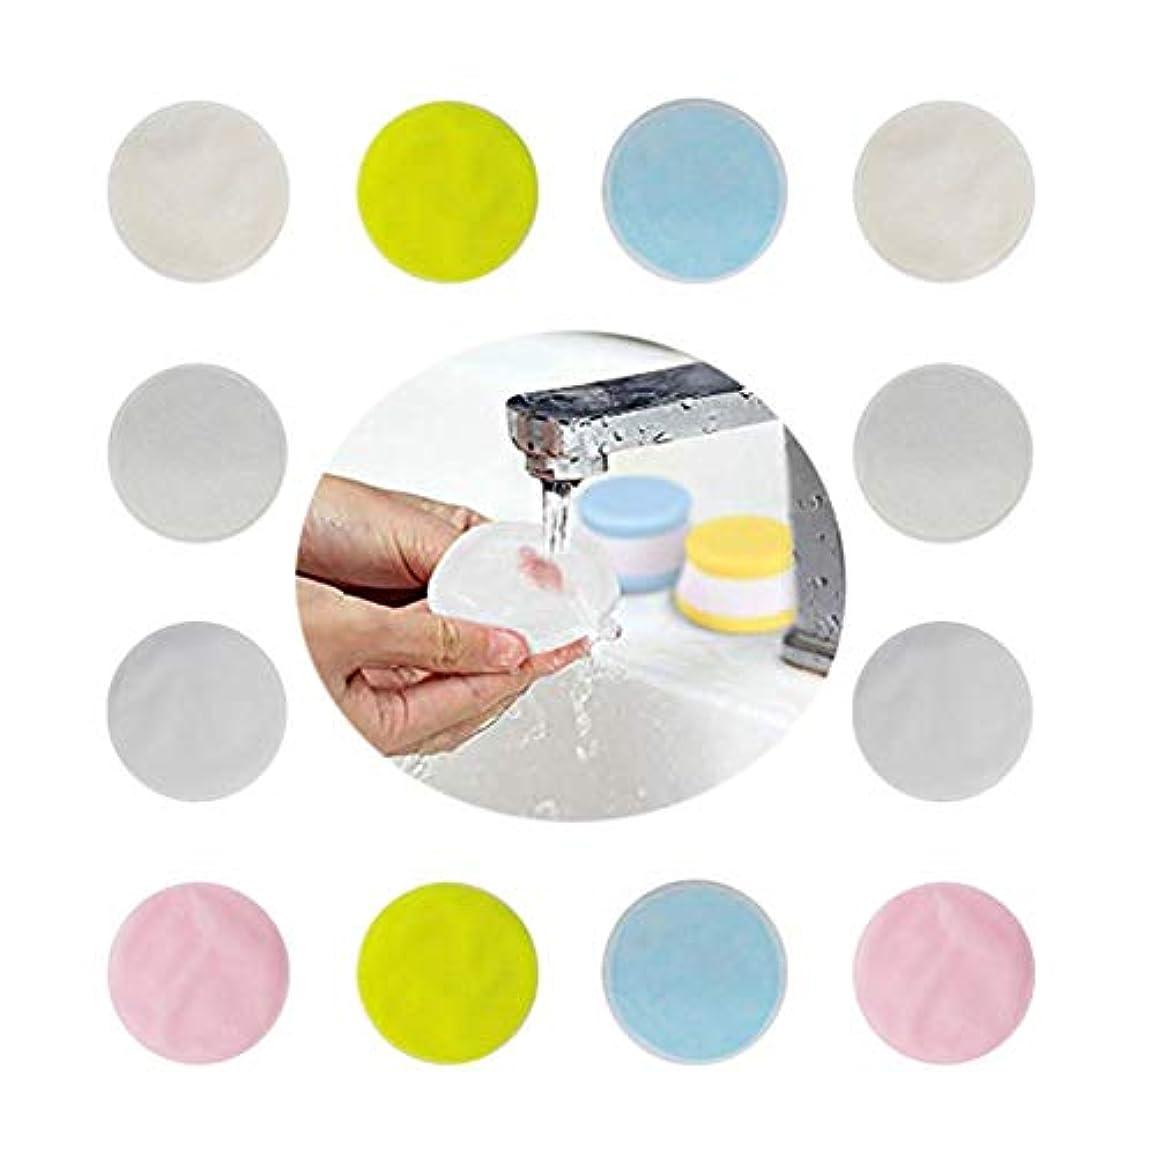 混乱させる強制オーガニック10 / bag 8cm二重層竹繊維ベルベット化粧落とし洗えると再利用可能な洗顔美容と美??容ケアツール